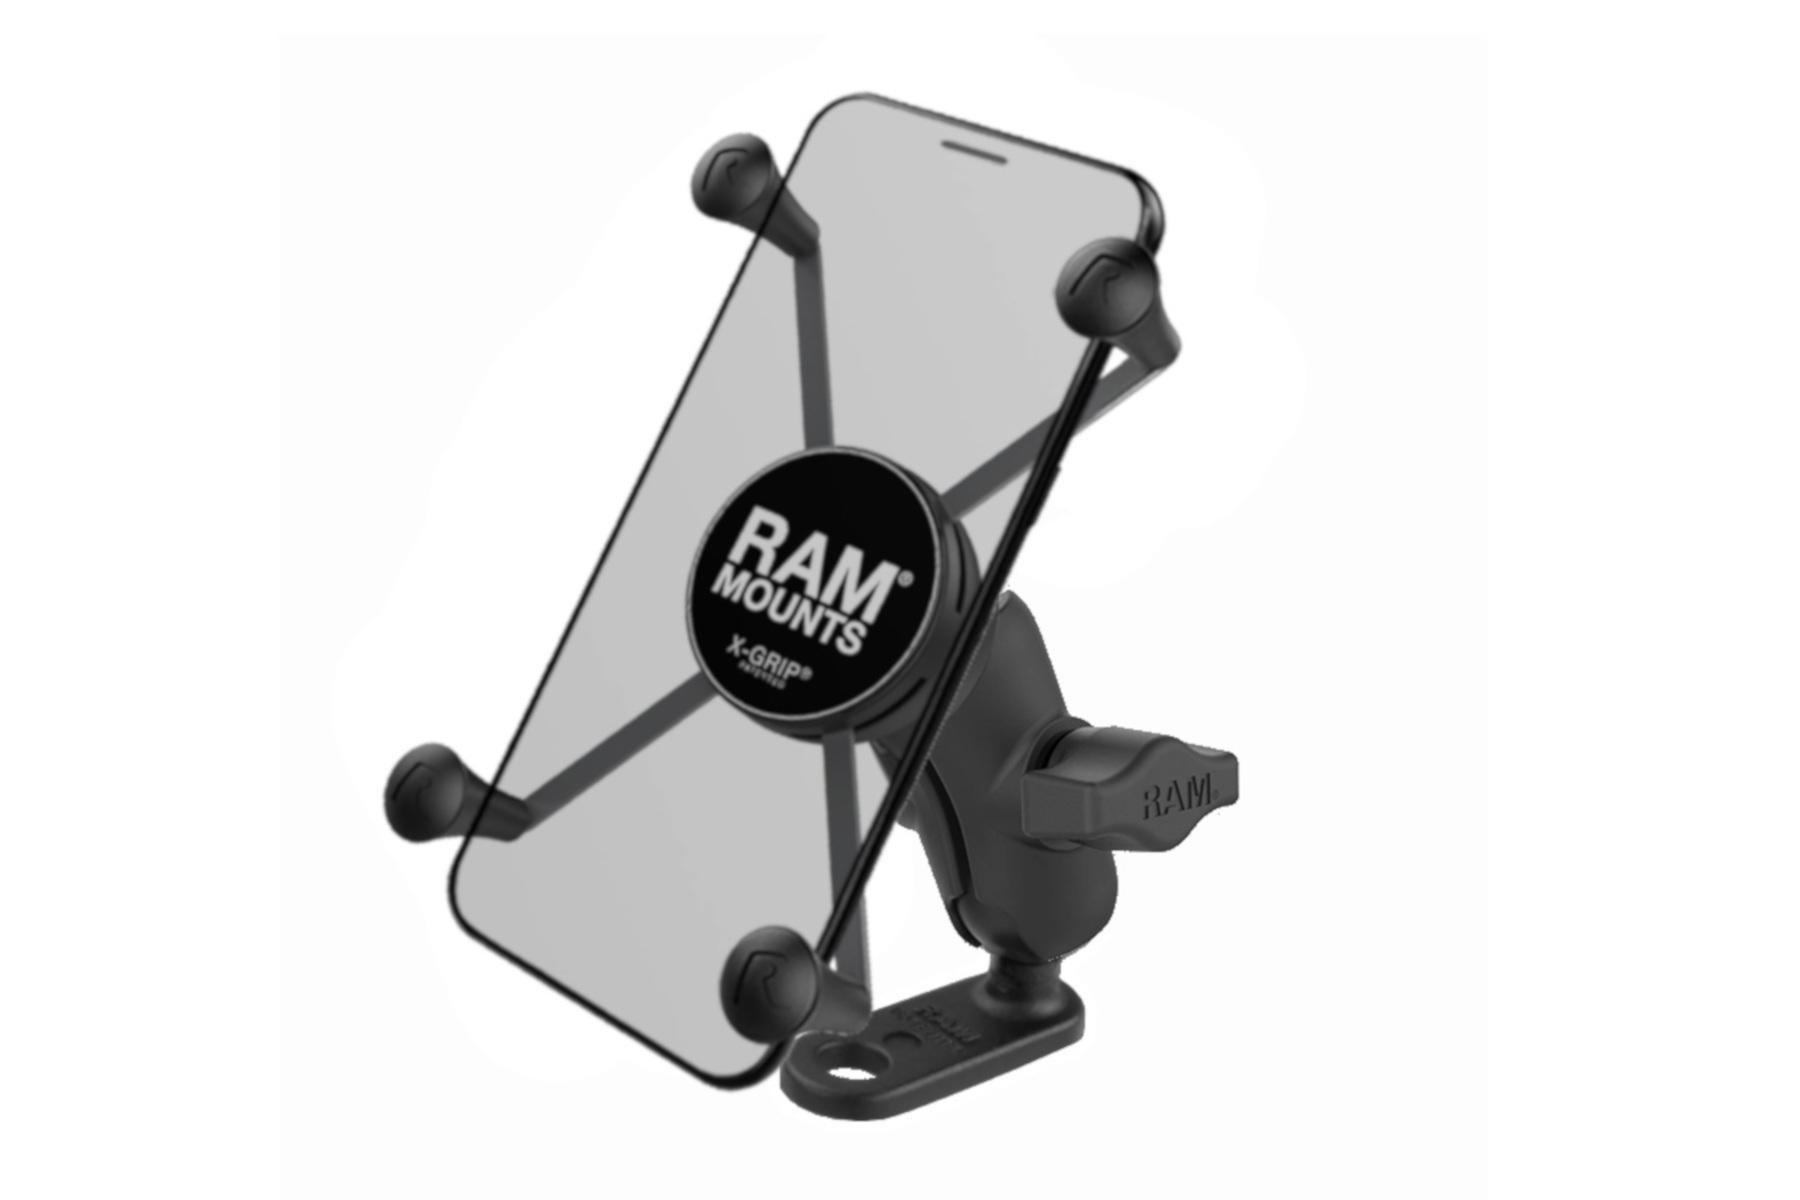 ラムマウント Xグリップ&ミラーフレームセット 11mm穴用ファブレット用 ショートアーム 1インチボール RAM-PL5